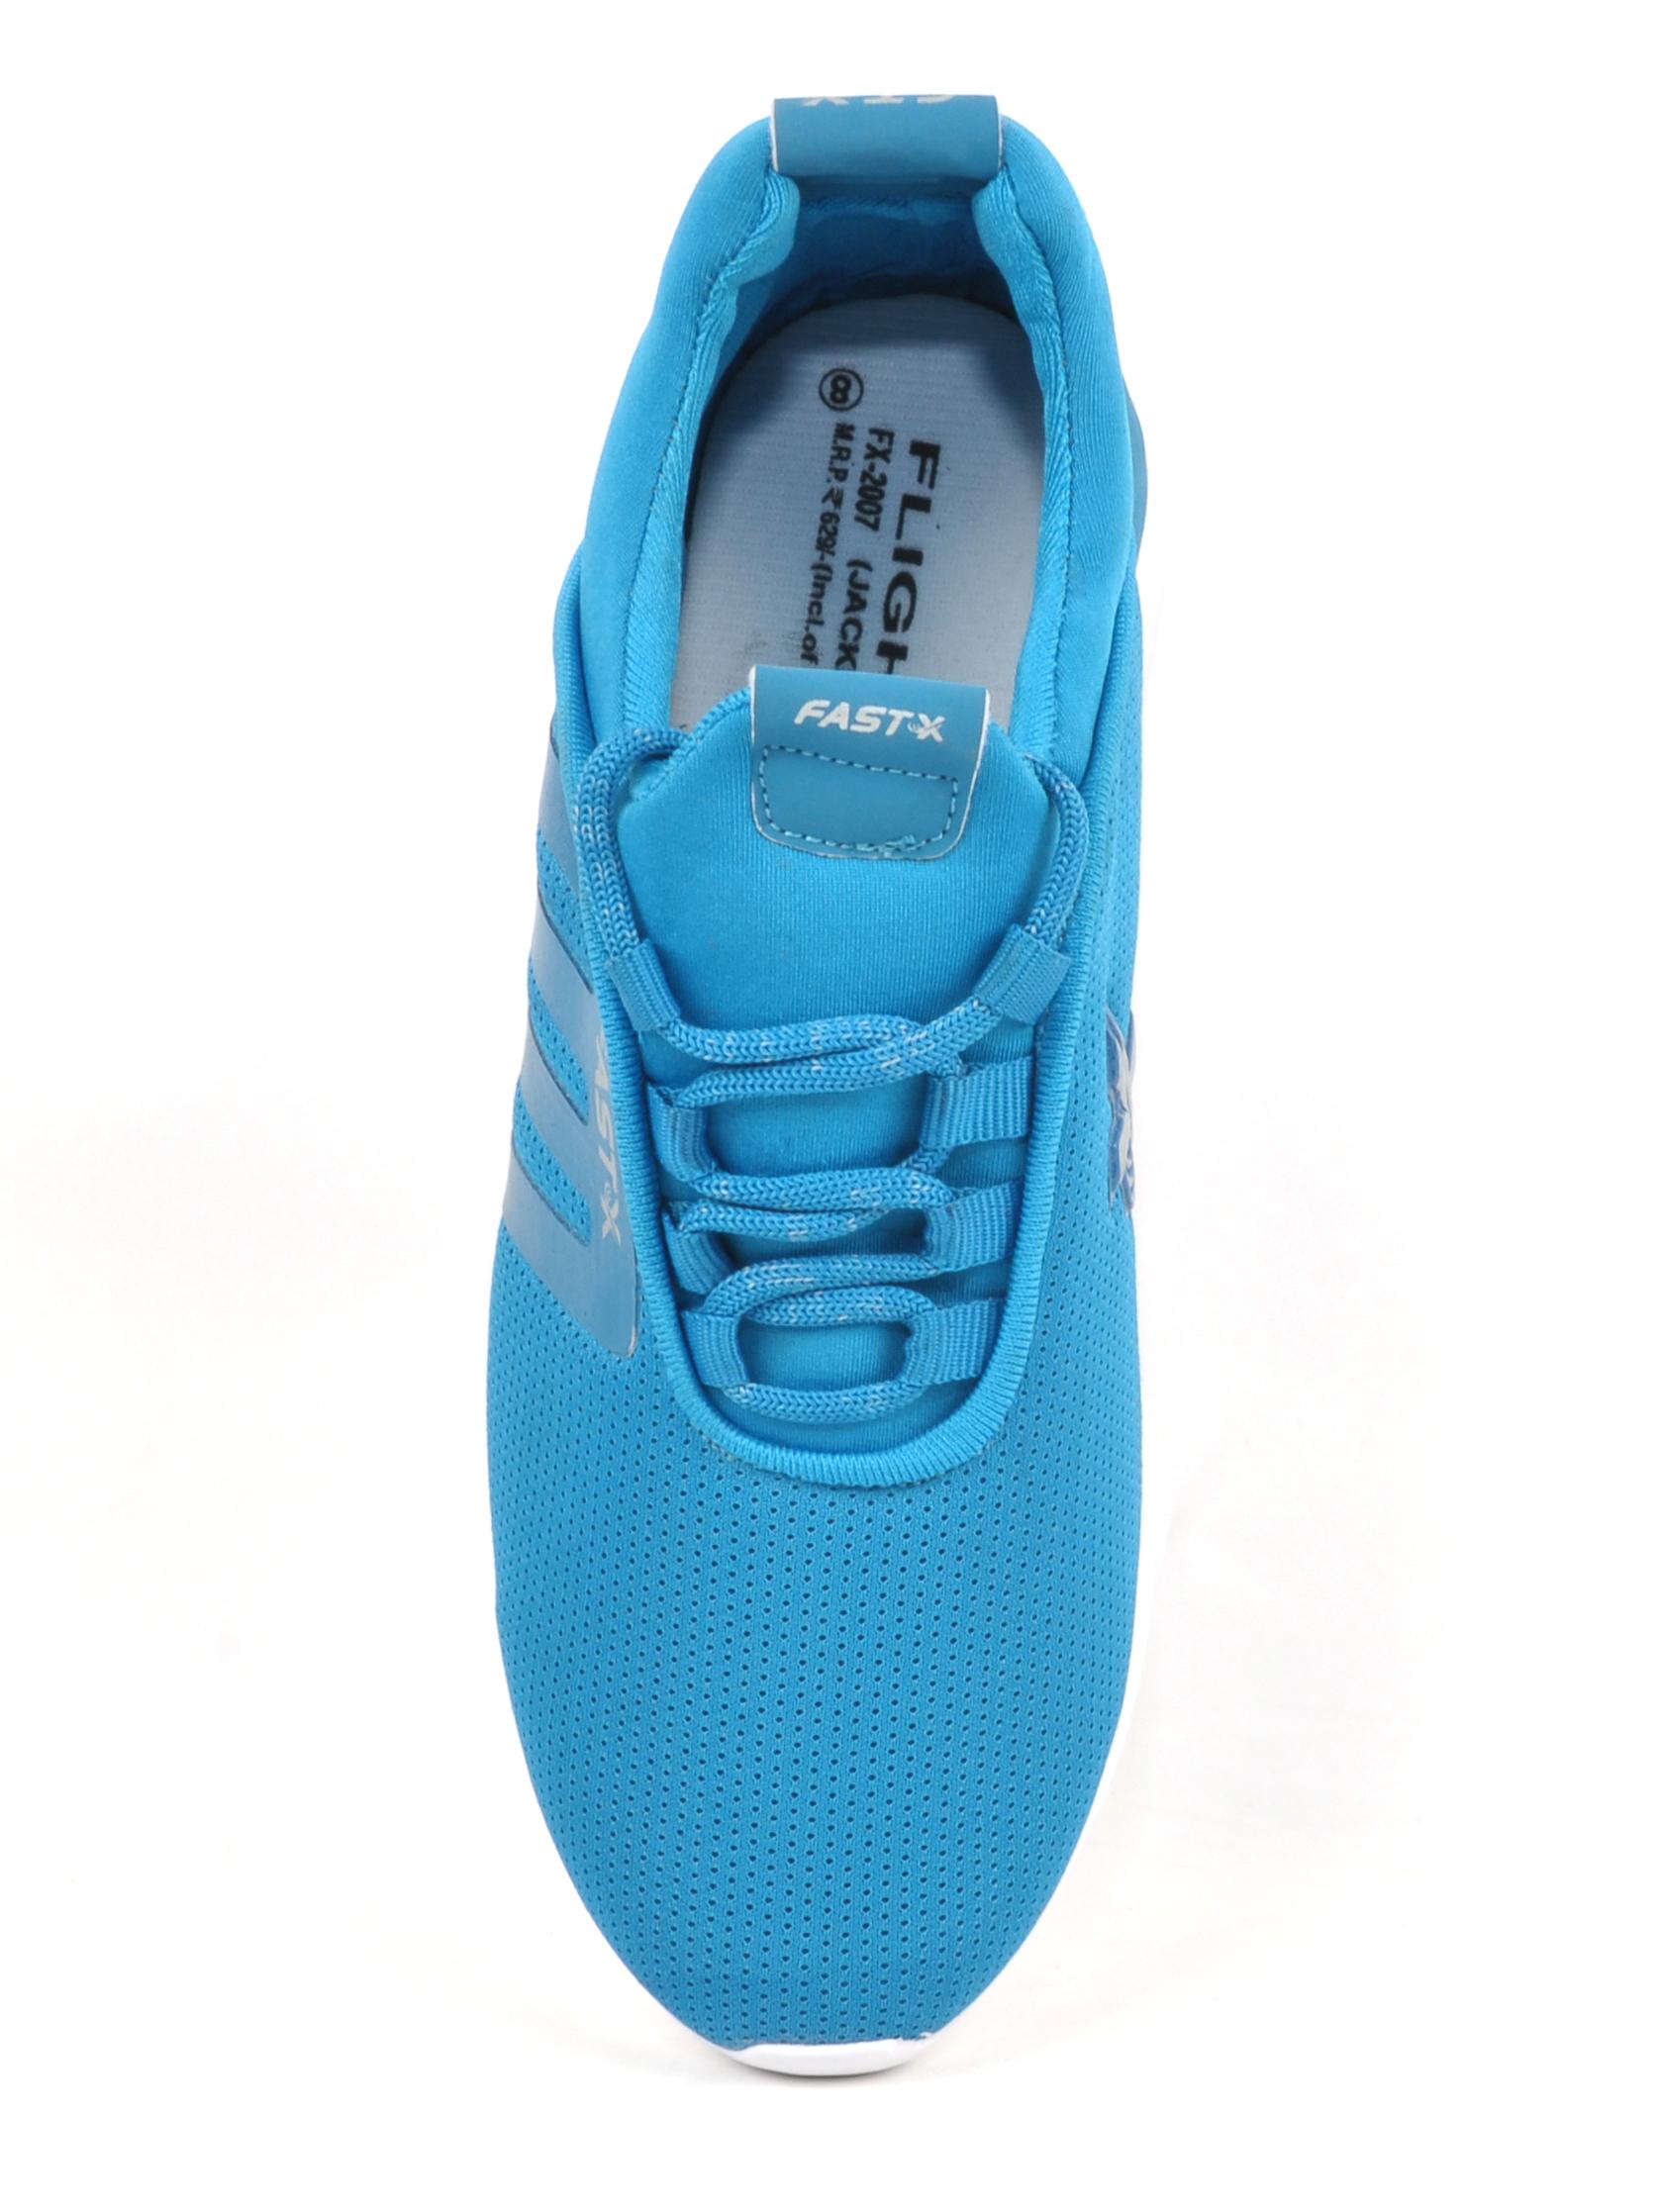 Light Blue Color Sports Shoes